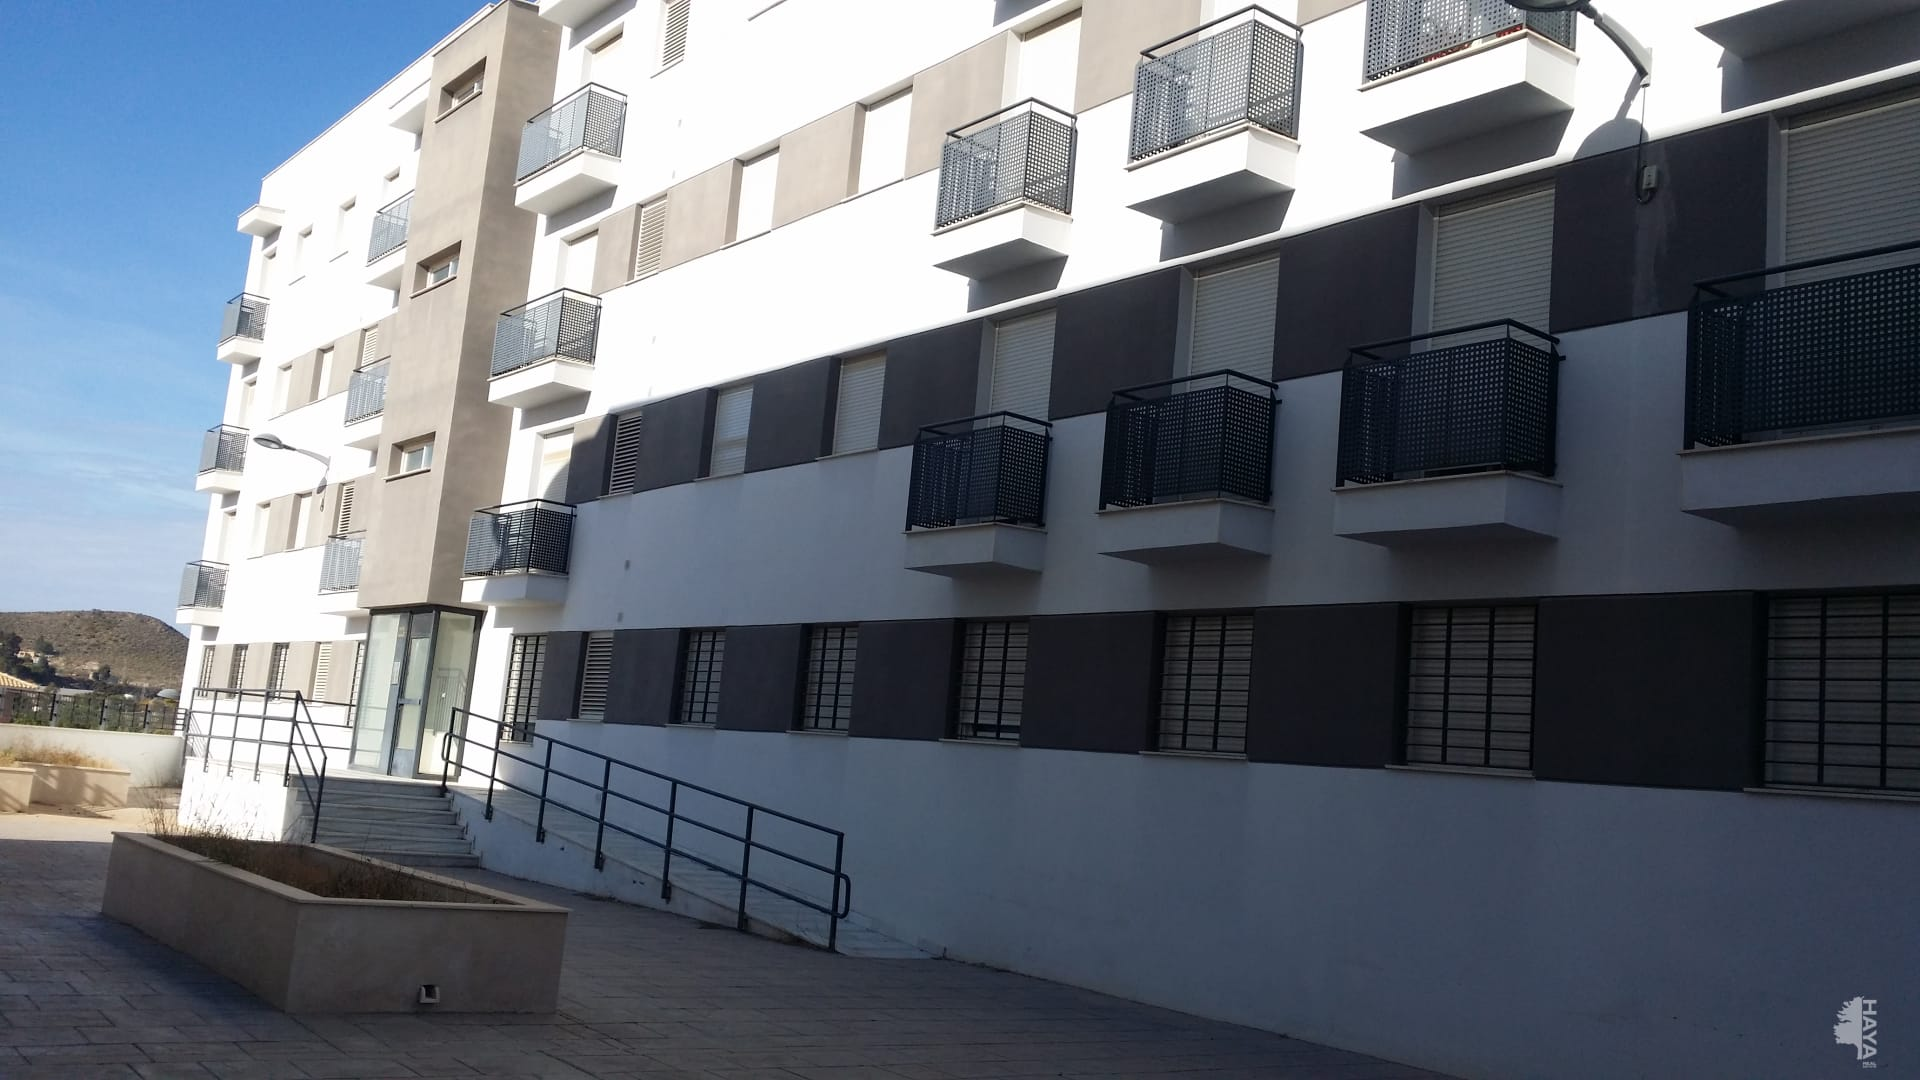 Piso en venta en Olula del Río, Almería, Calle Alta, 53.500 €, 3 habitaciones, 1 baño, 88 m2